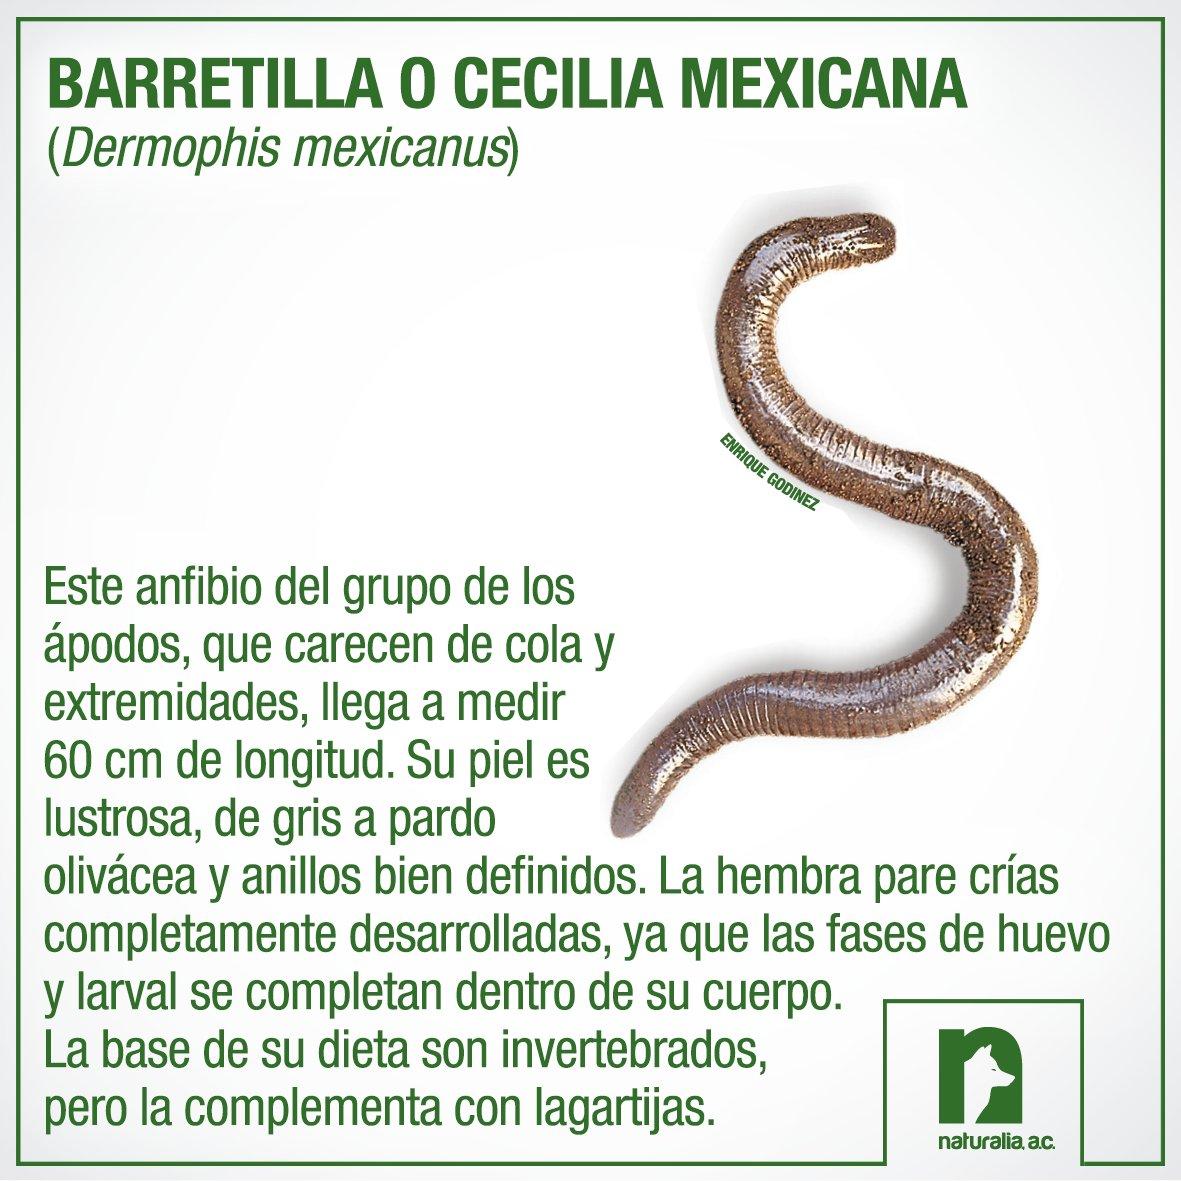 Naturalia AC on Twitter: \